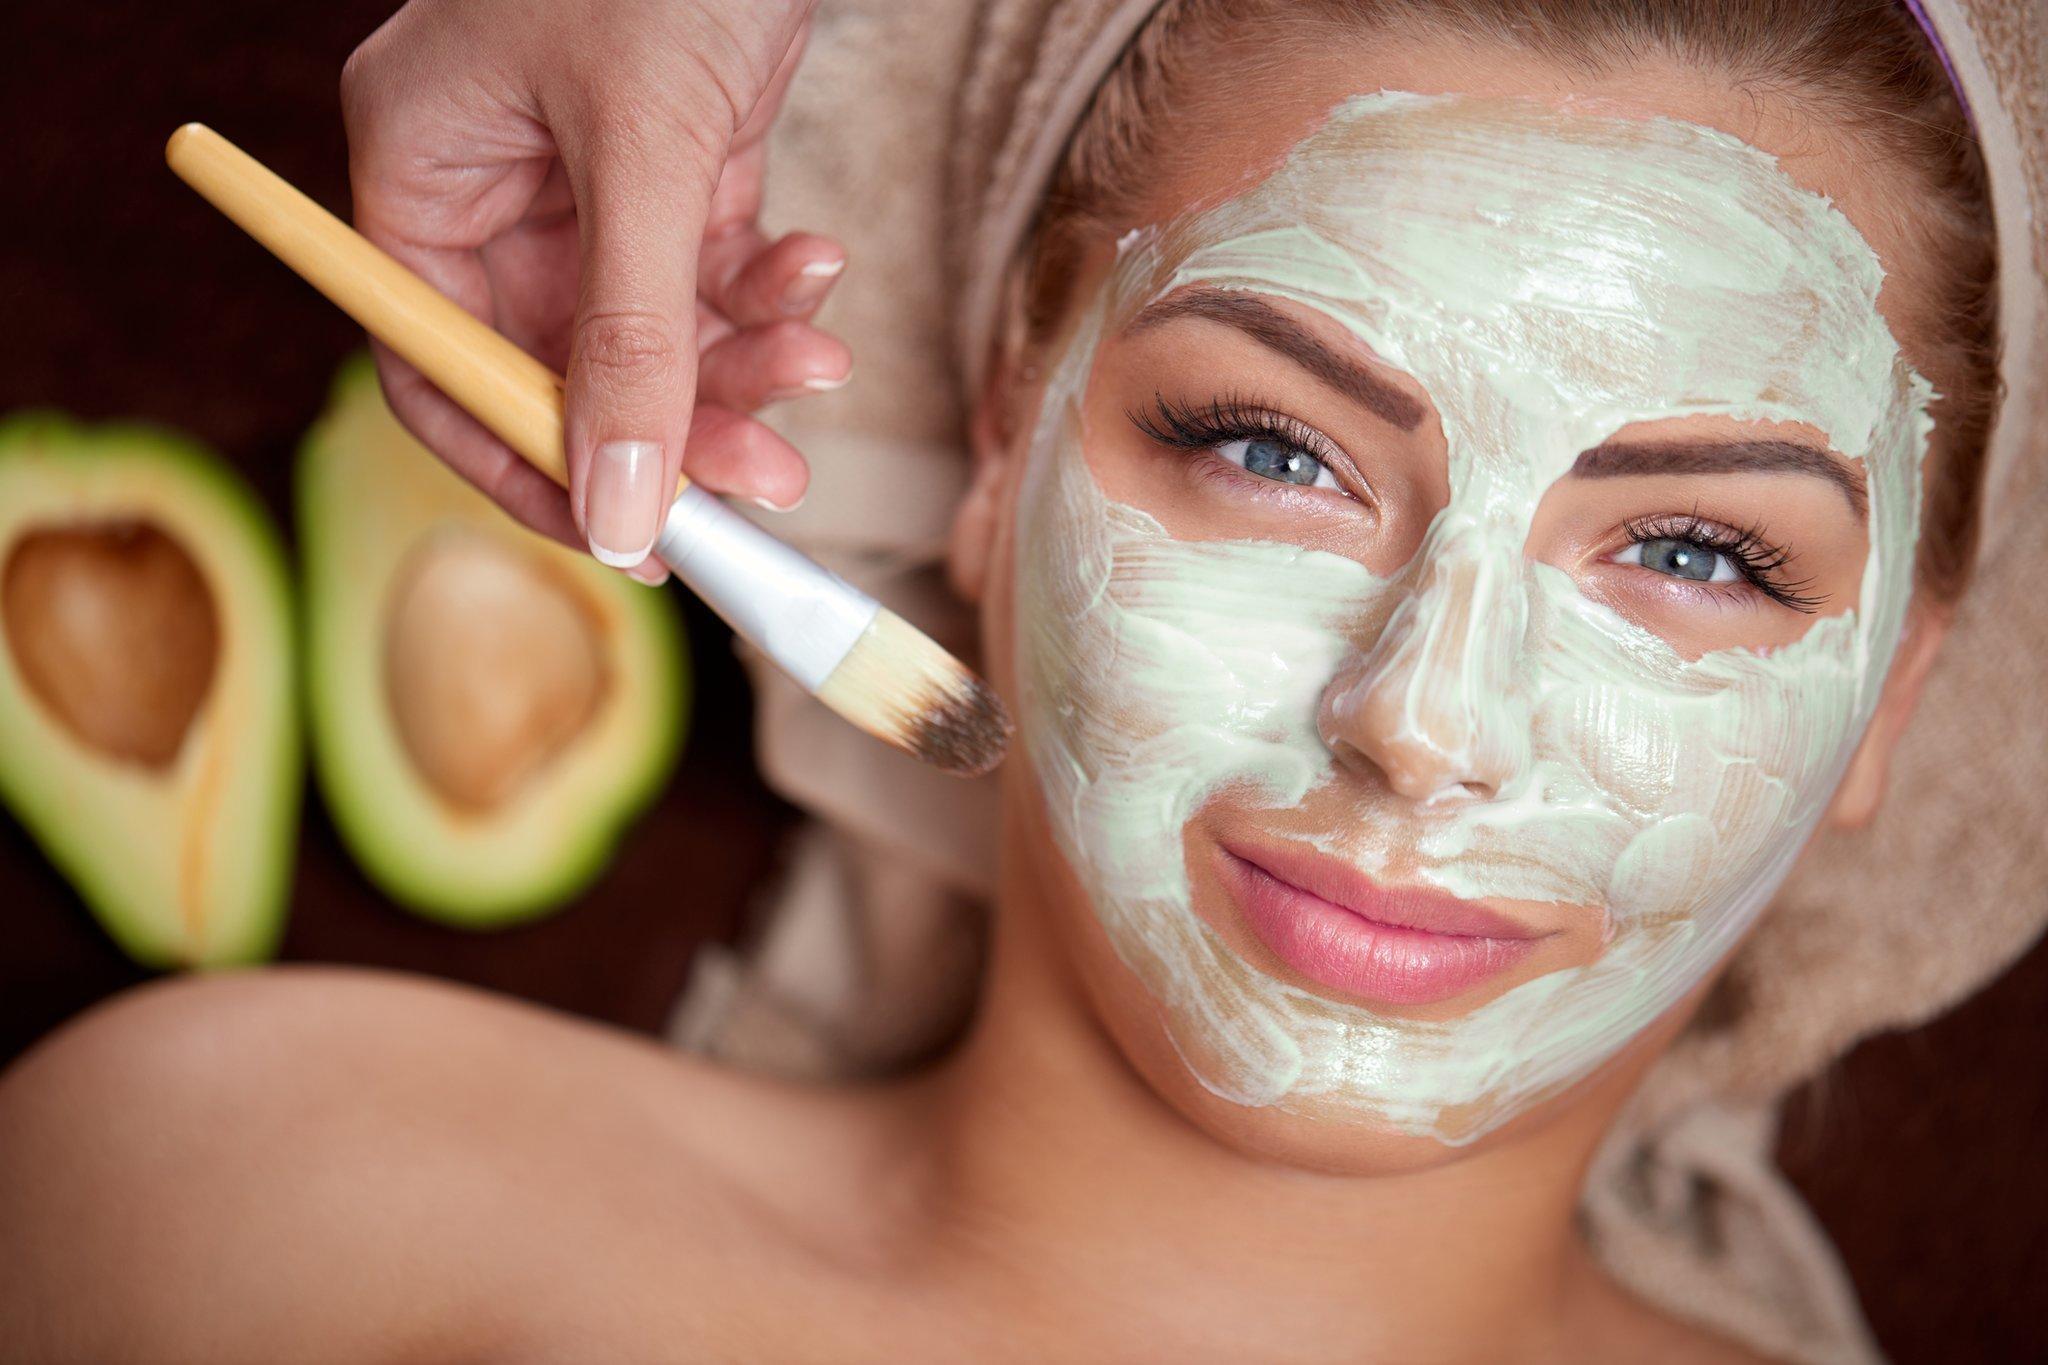 Маска для лица увлажняющая в домашних условиях: маски для лица - питательные, очищающие, отбеливающие и увлажняющие